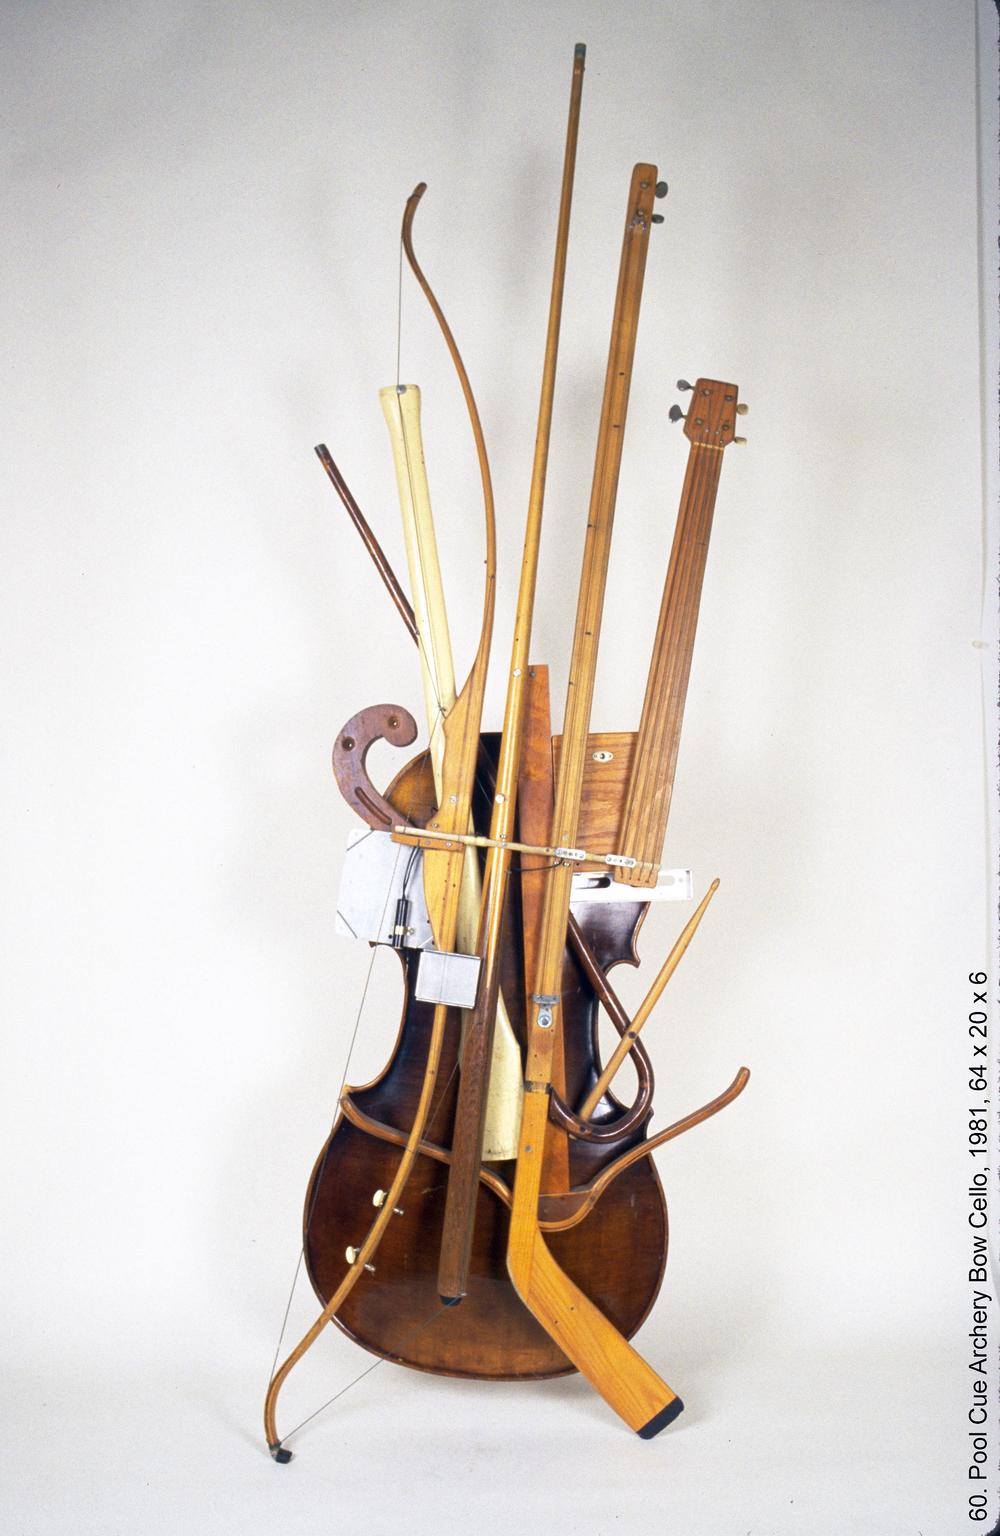 instruments  u2014 ken butler u0026 39 s hybrid visions